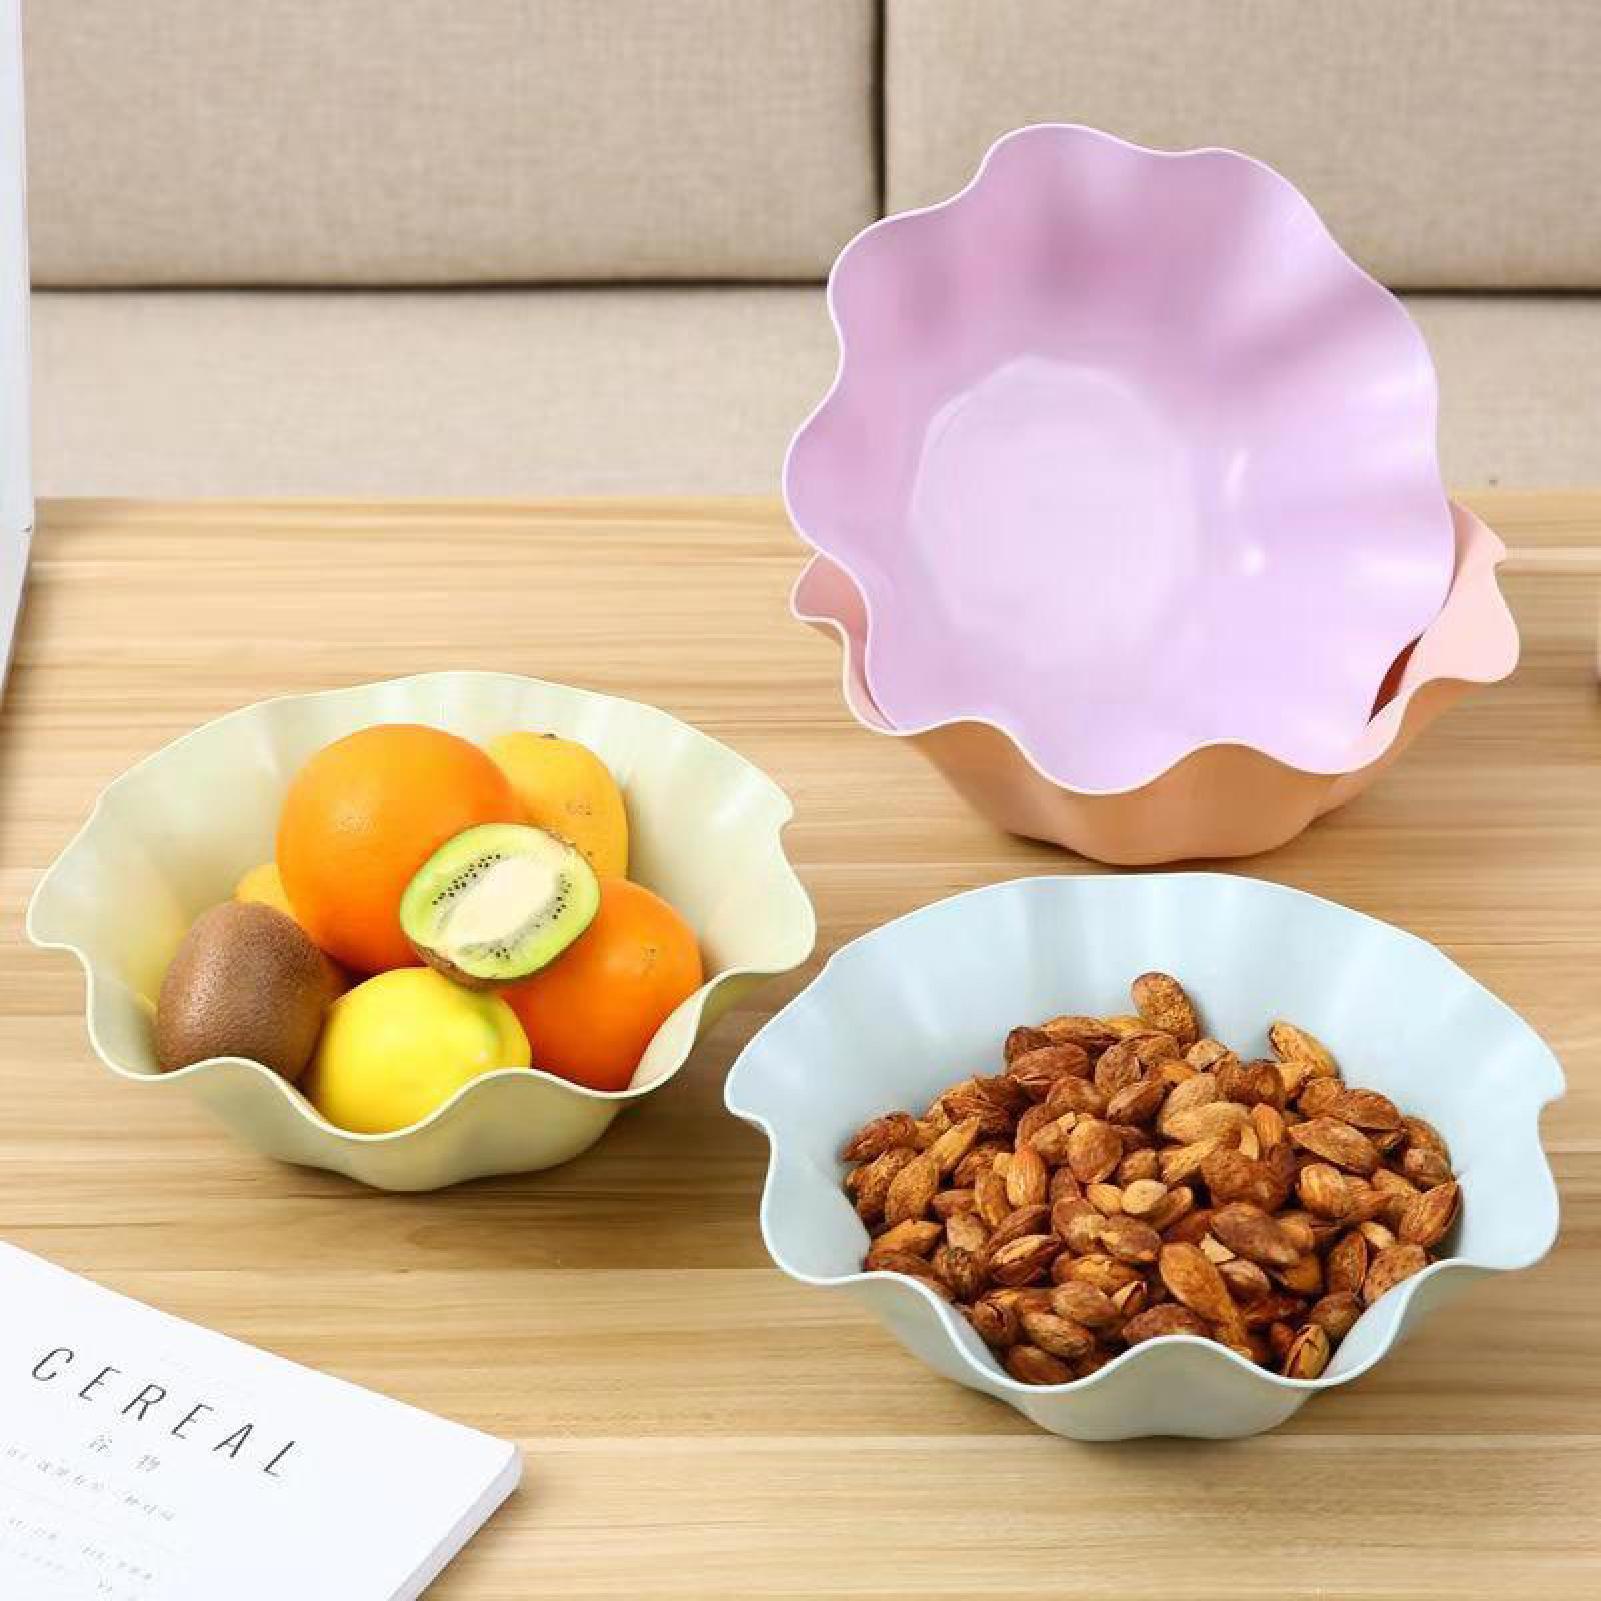 Nordic Living Room Lotus Leaf Nut Plate Office Desktop Fruit Snake Storage Tray Fruit